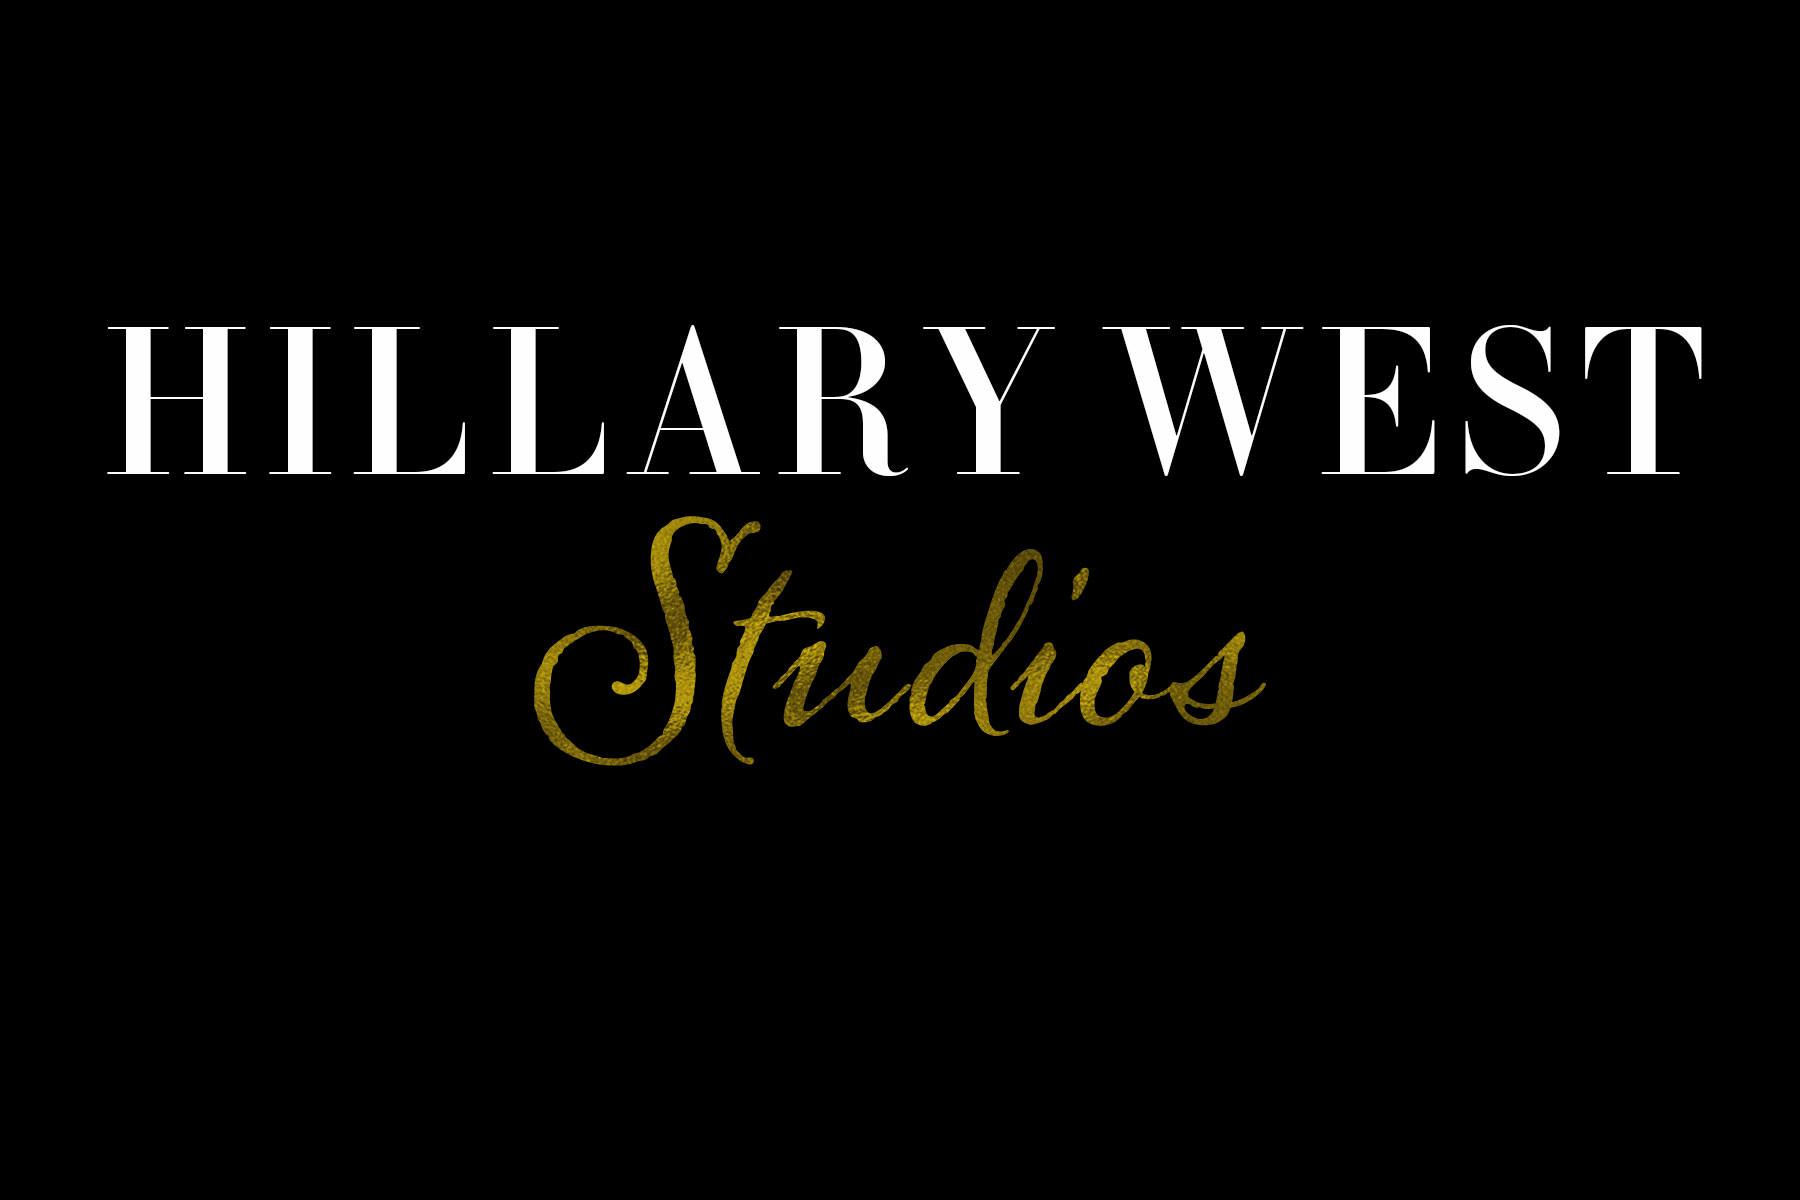 Norfolk Boudoir Photographer Hillary West Studios